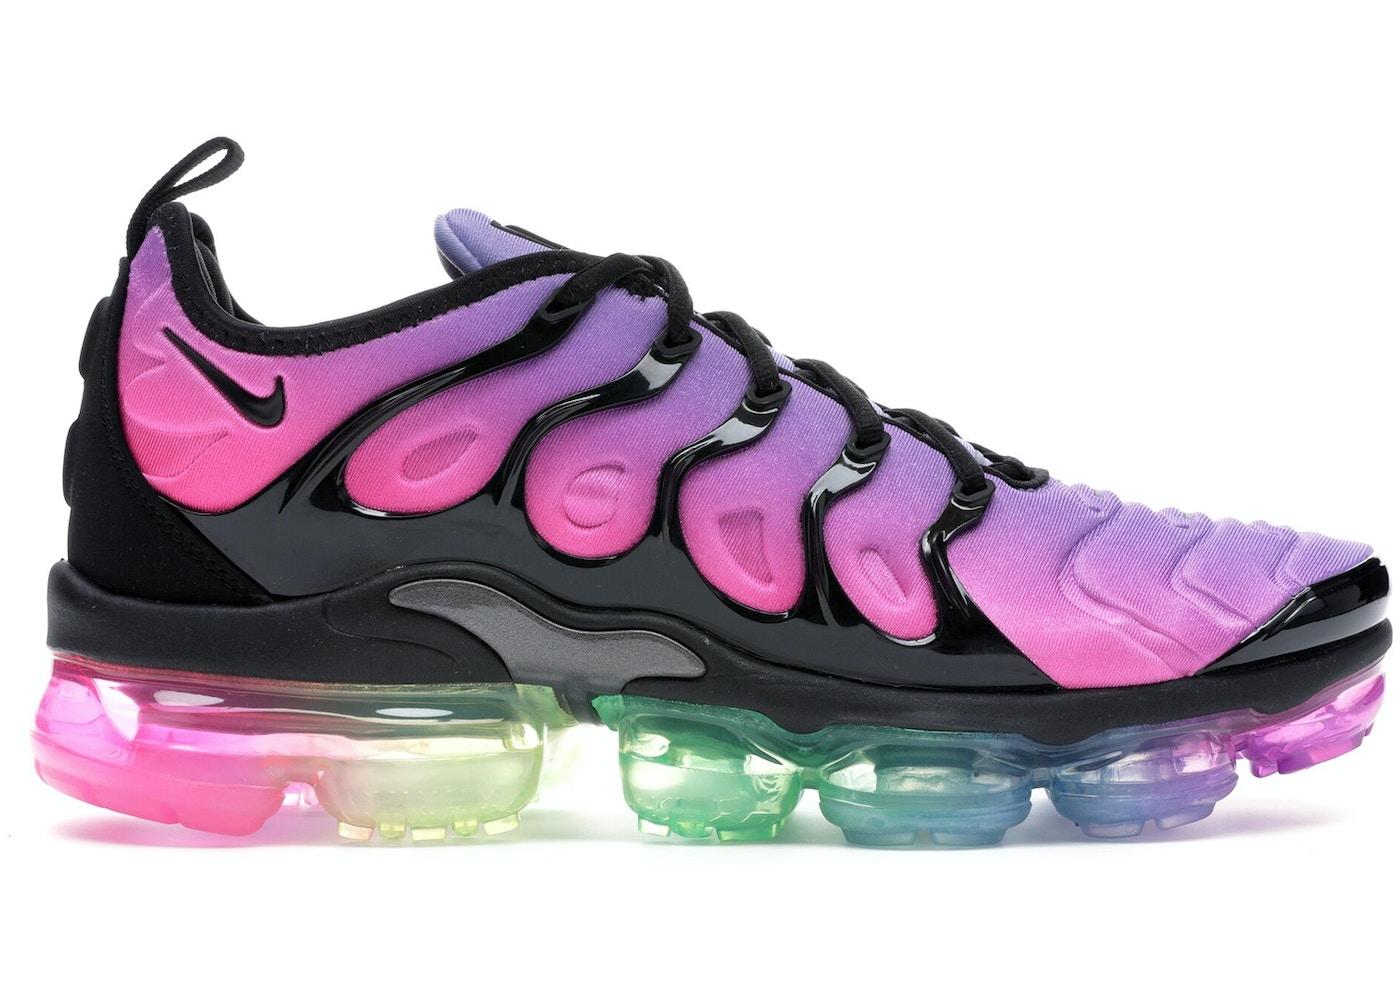 4664ee10fa Nike Air Max VaporMax Shoes - Highest Bid